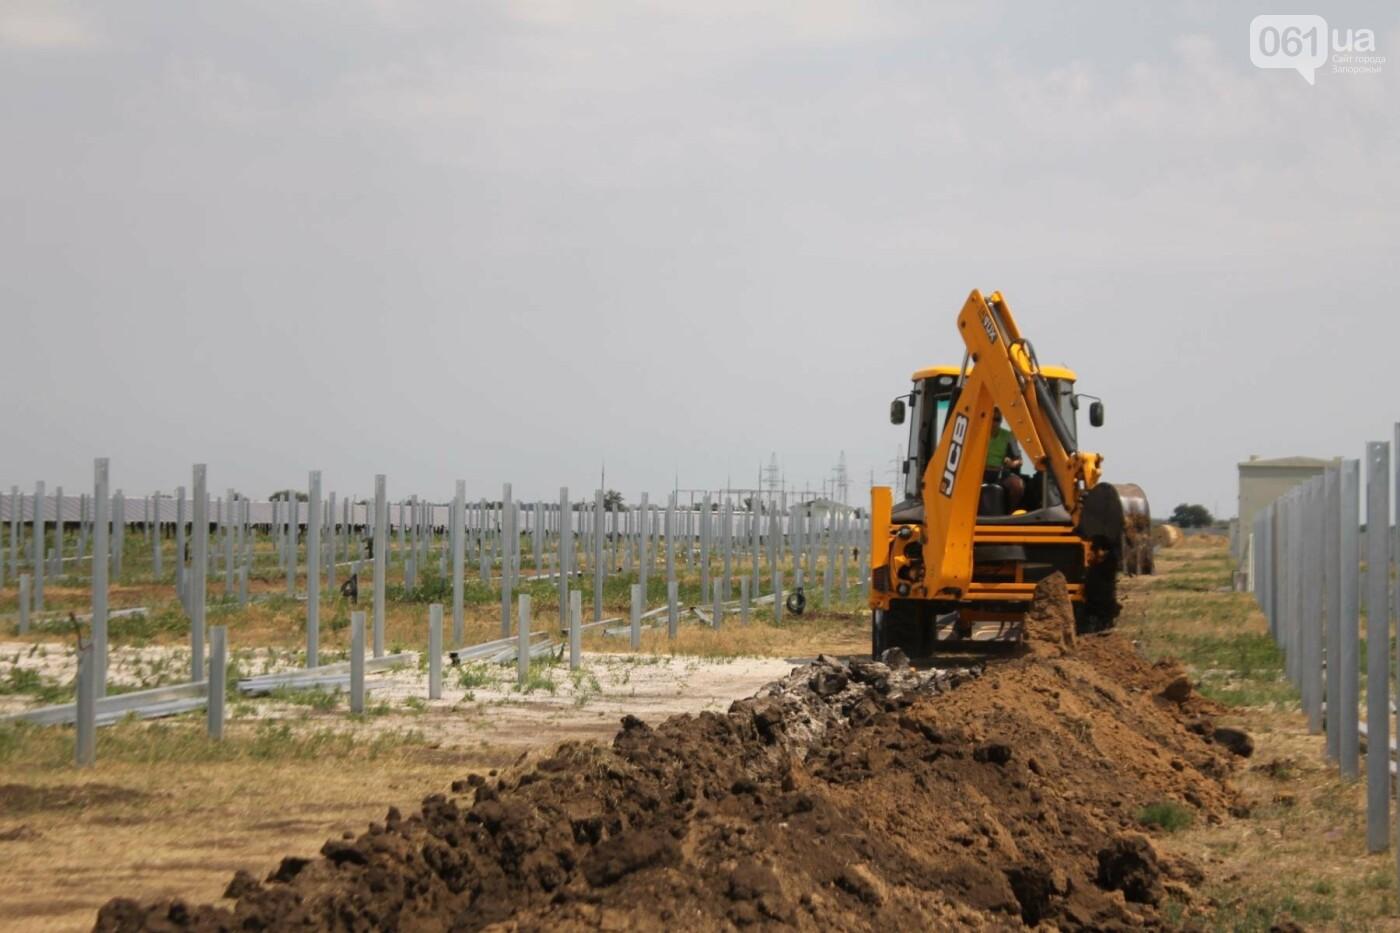 Как в Запорожской области работает крупнейшая в Украине солнечная станция: экскурсия на производство, — ФОТОРЕПОРТАЖ, фото-51